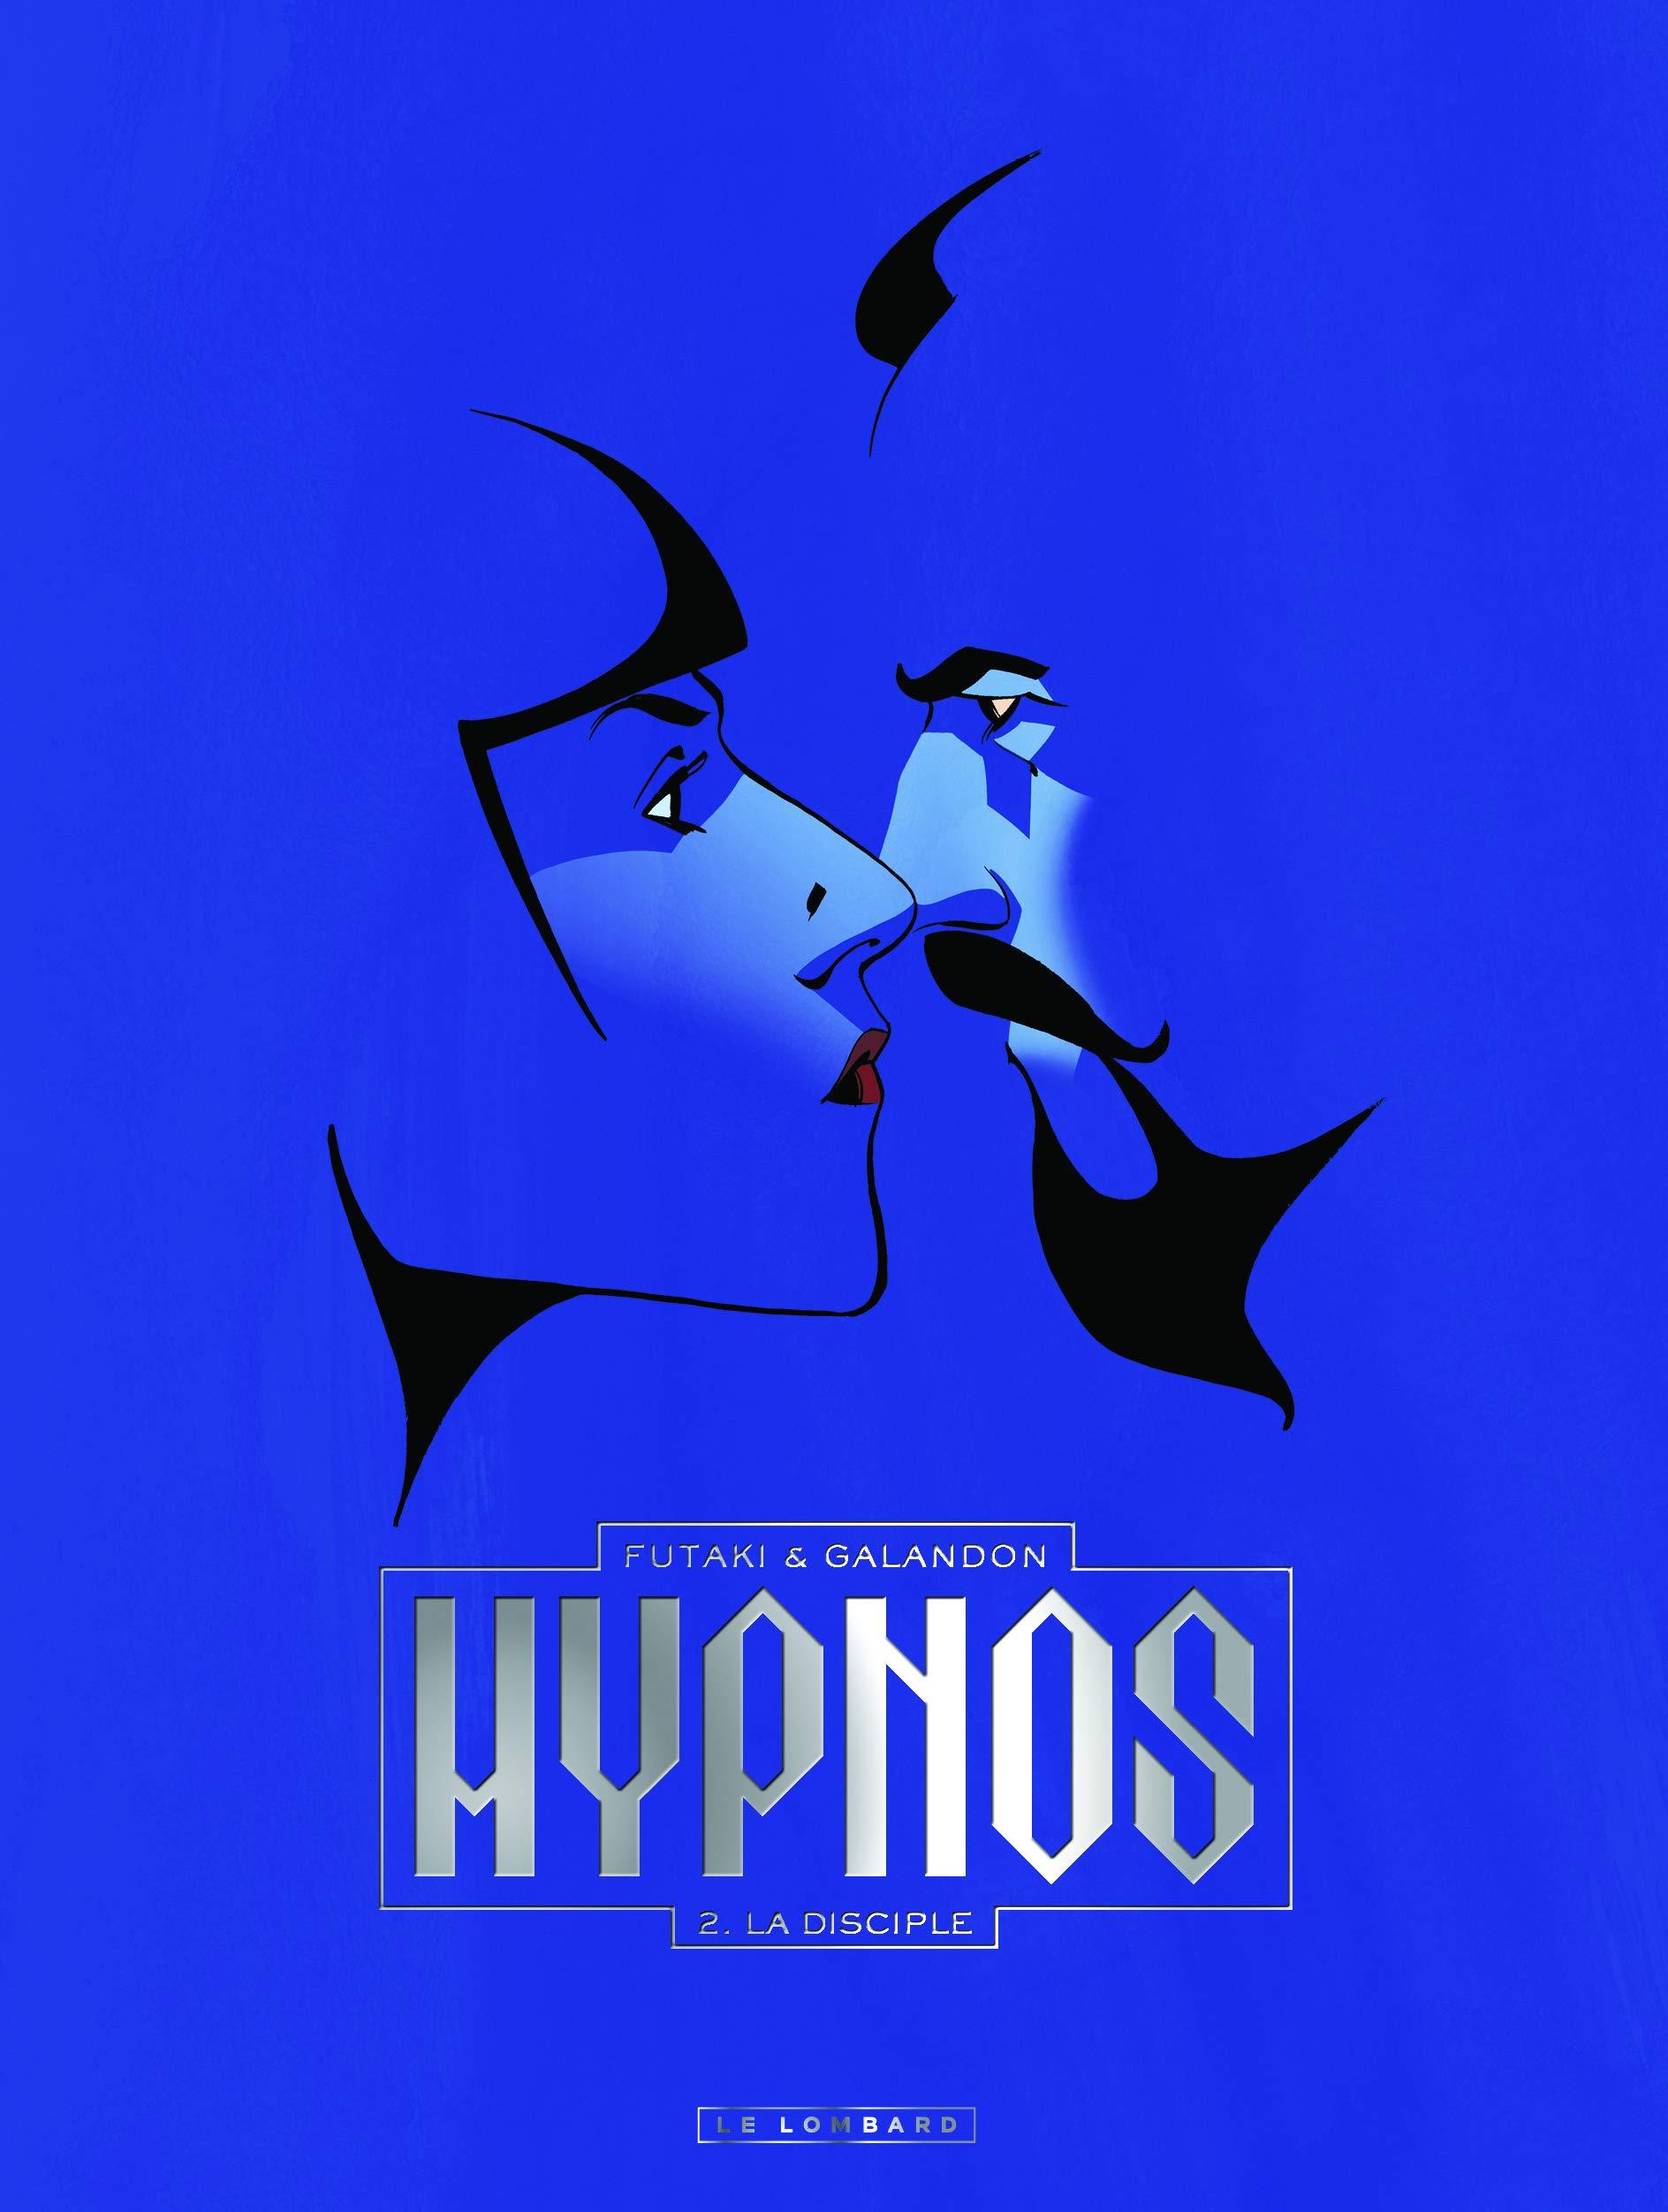 Hypnos 2 - La disciple